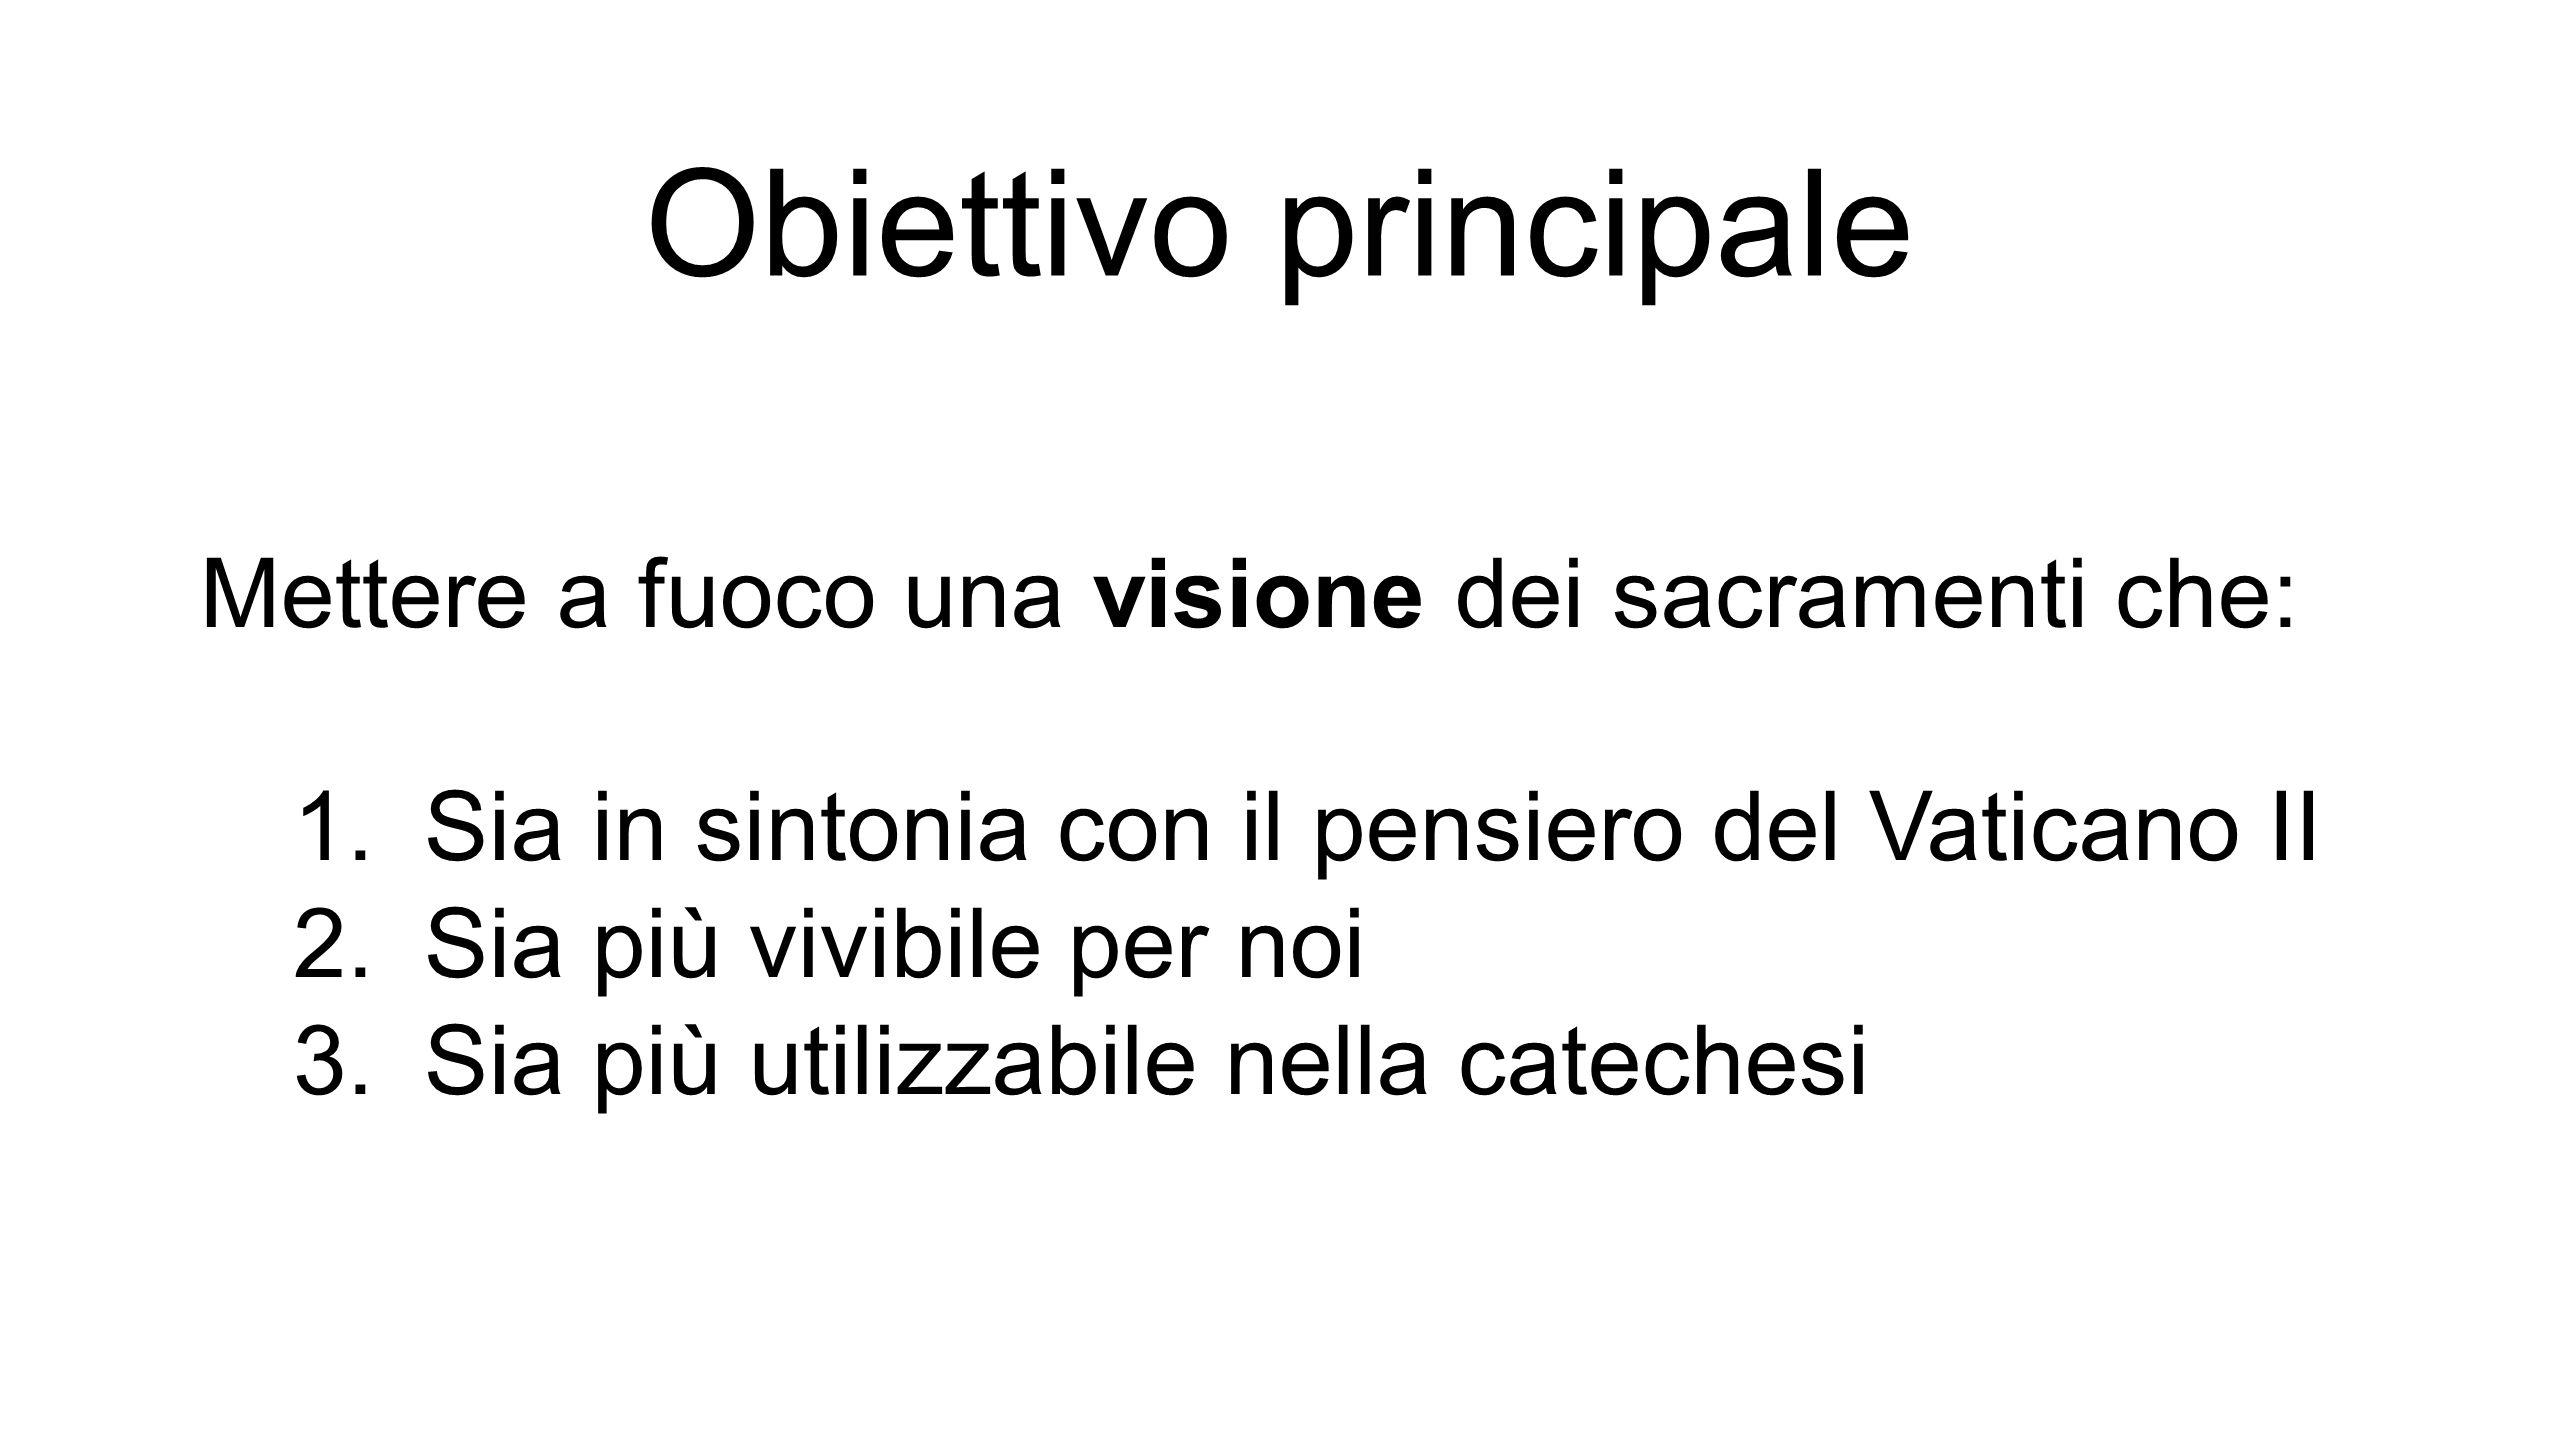 Obiettivo principale Mettere a fuoco una visione dei sacramenti che: 1.Sia in sintonia con il pensiero del Vaticano II 2.Sia più vivibile per noi 3.Sia più utilizzabile nella catechesi